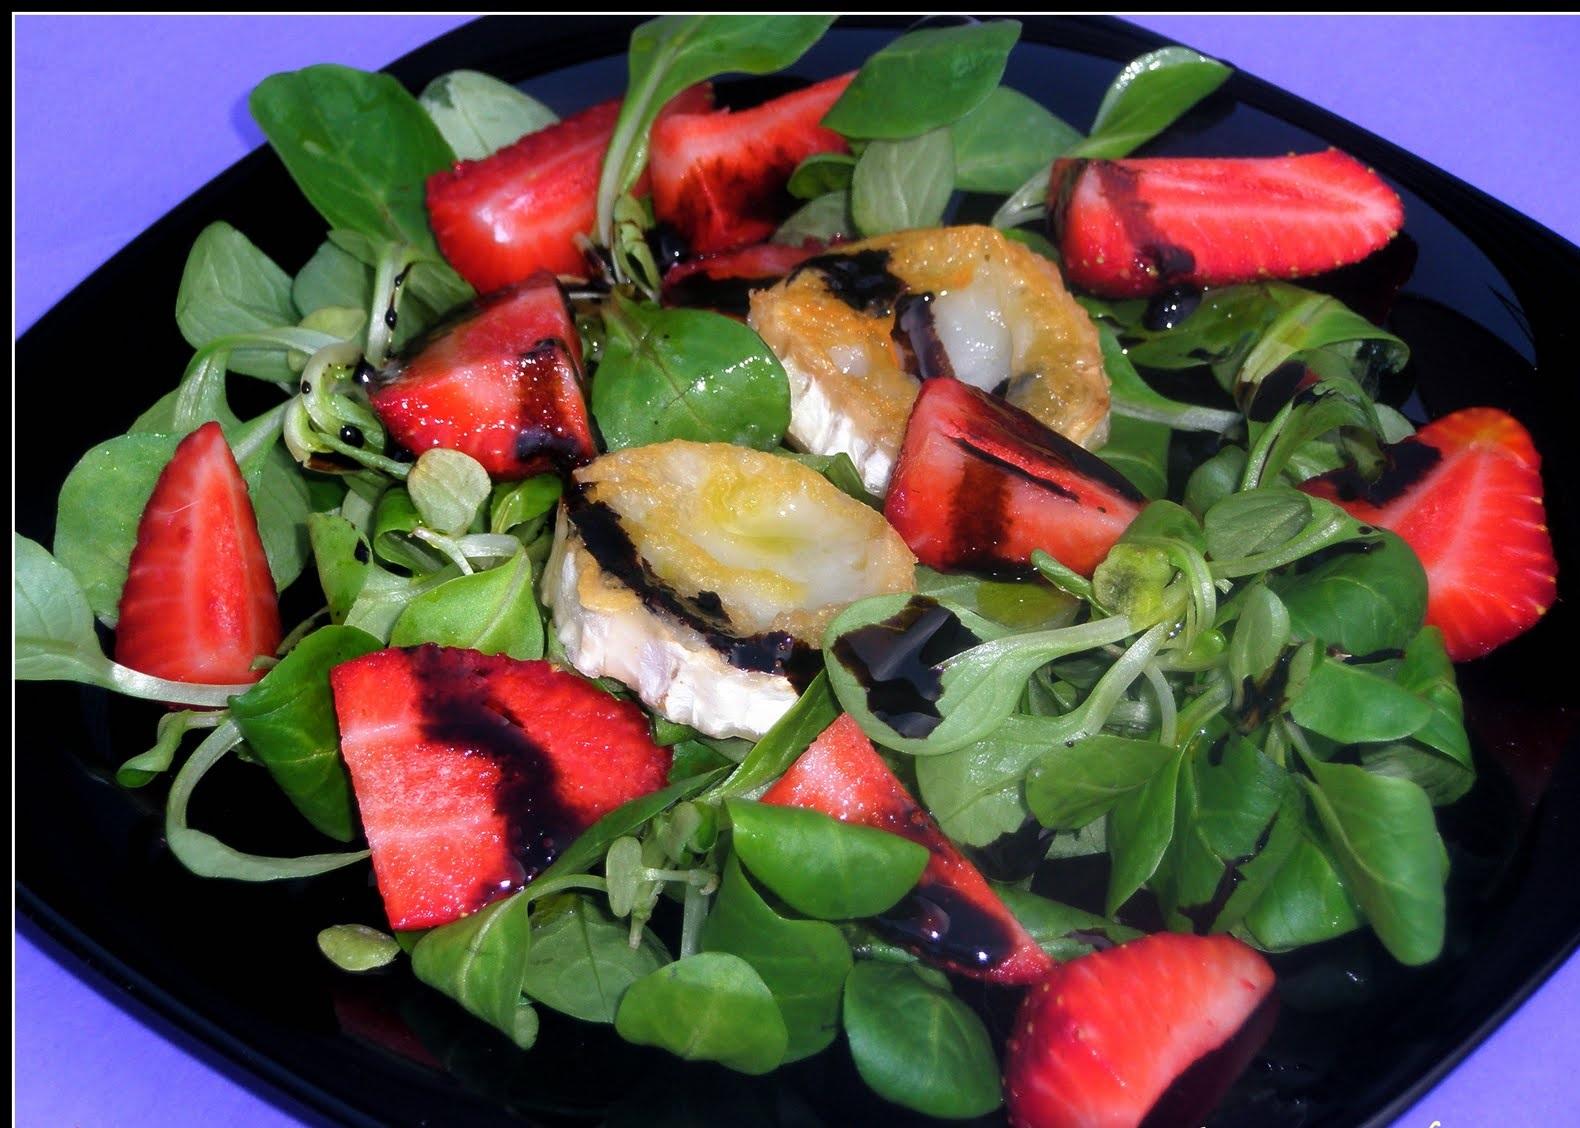 16 ideas para cenar ligero y mantener la figura - Cenar ligero para adelgazar ...